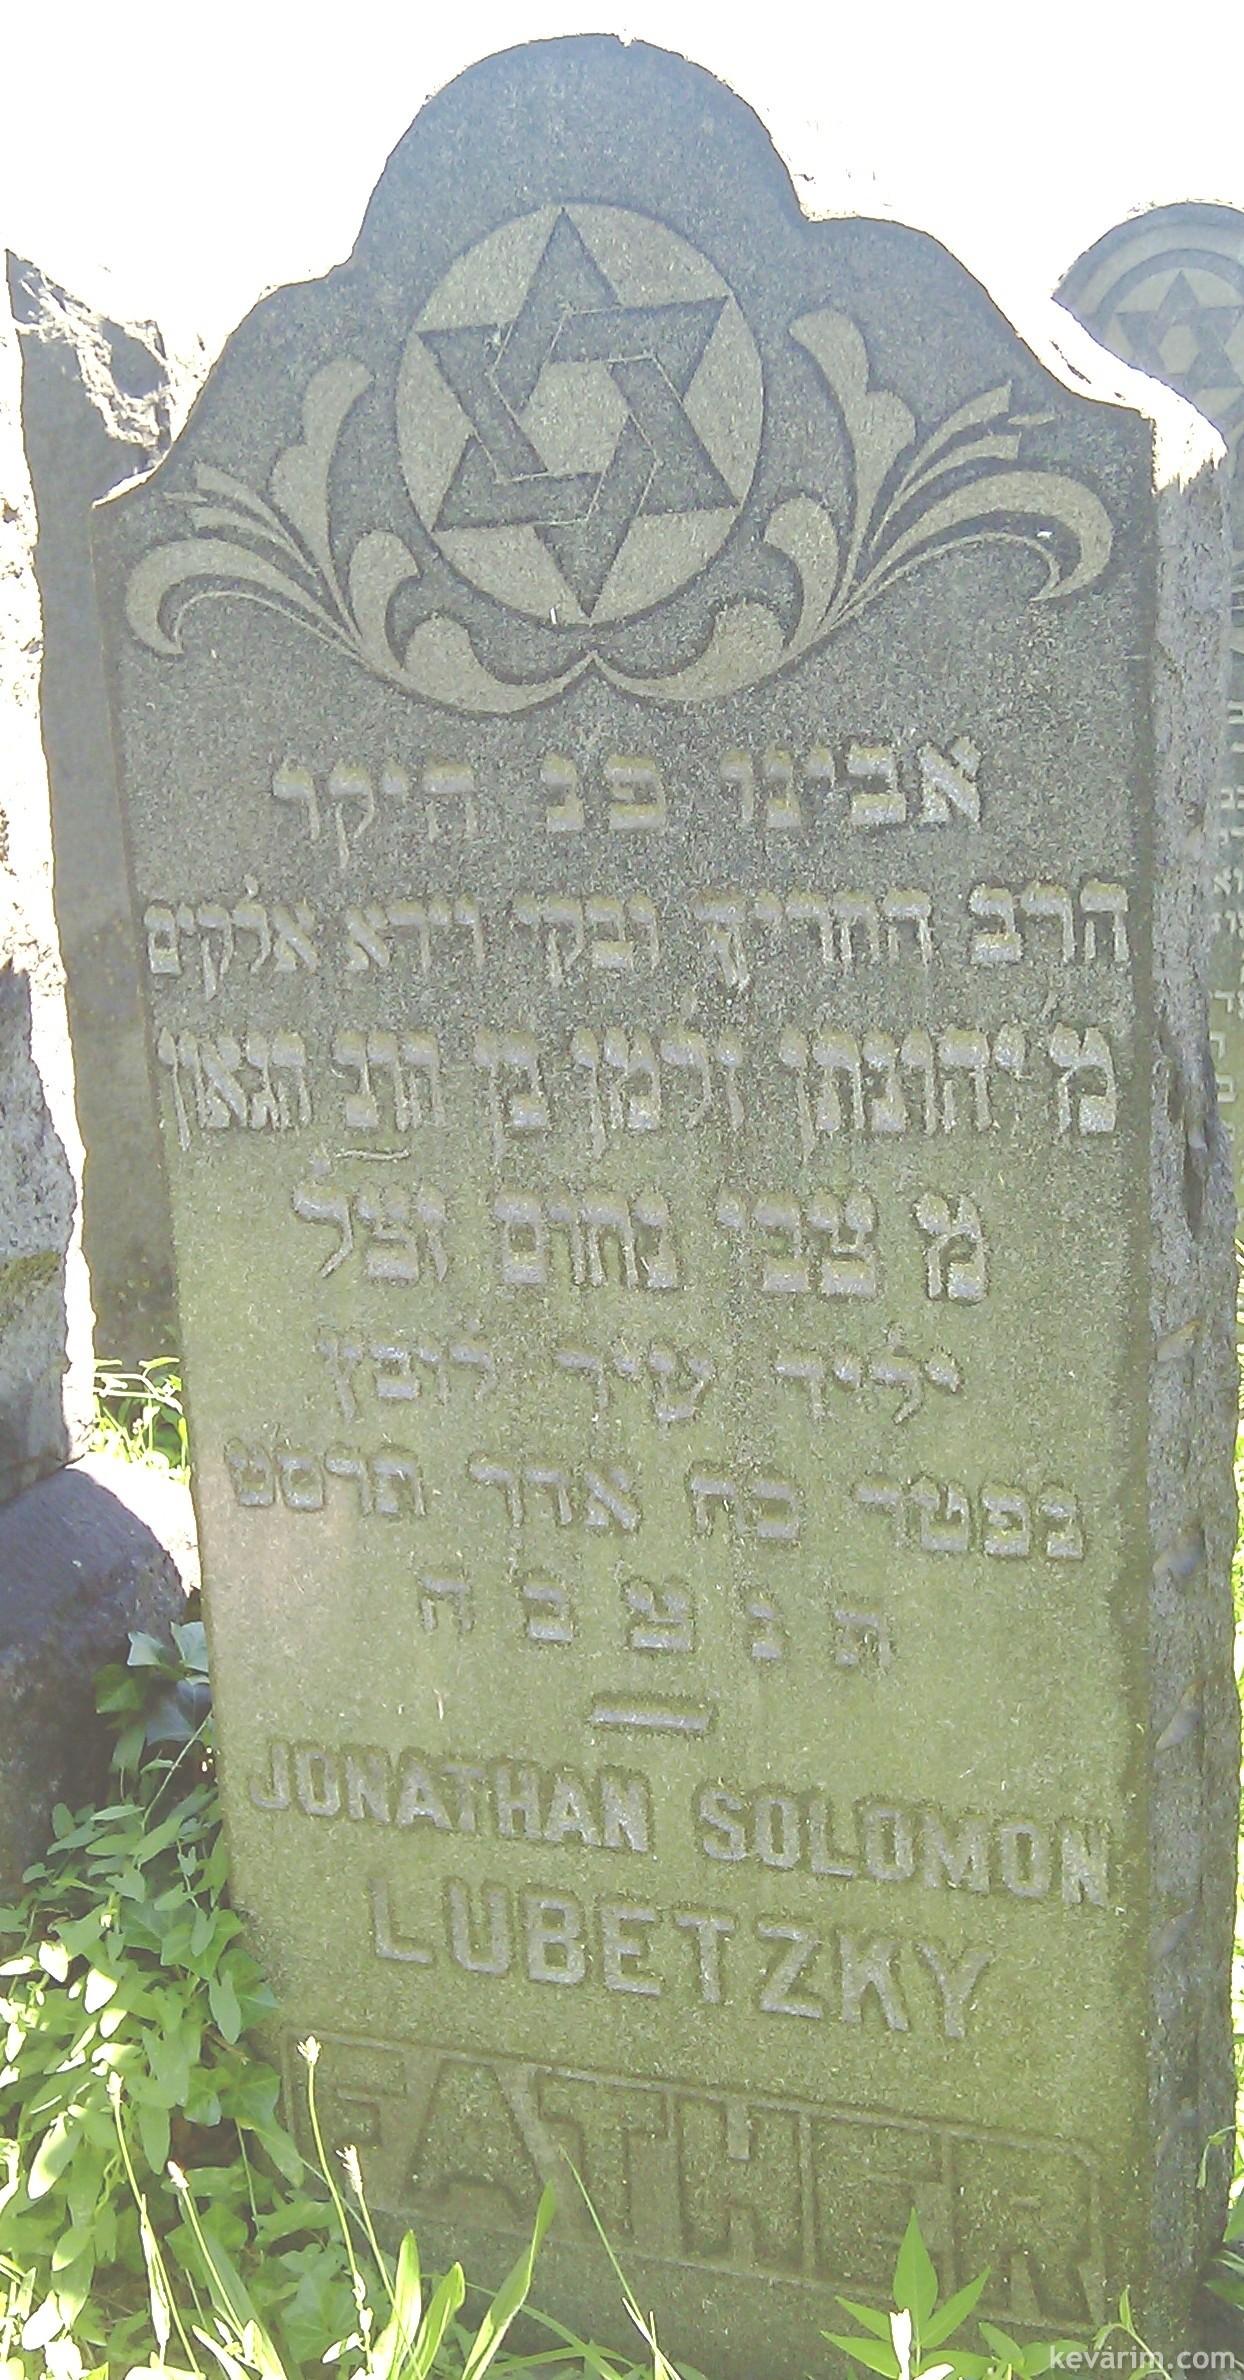 Rabbi Yonason Zalman Lubetzky